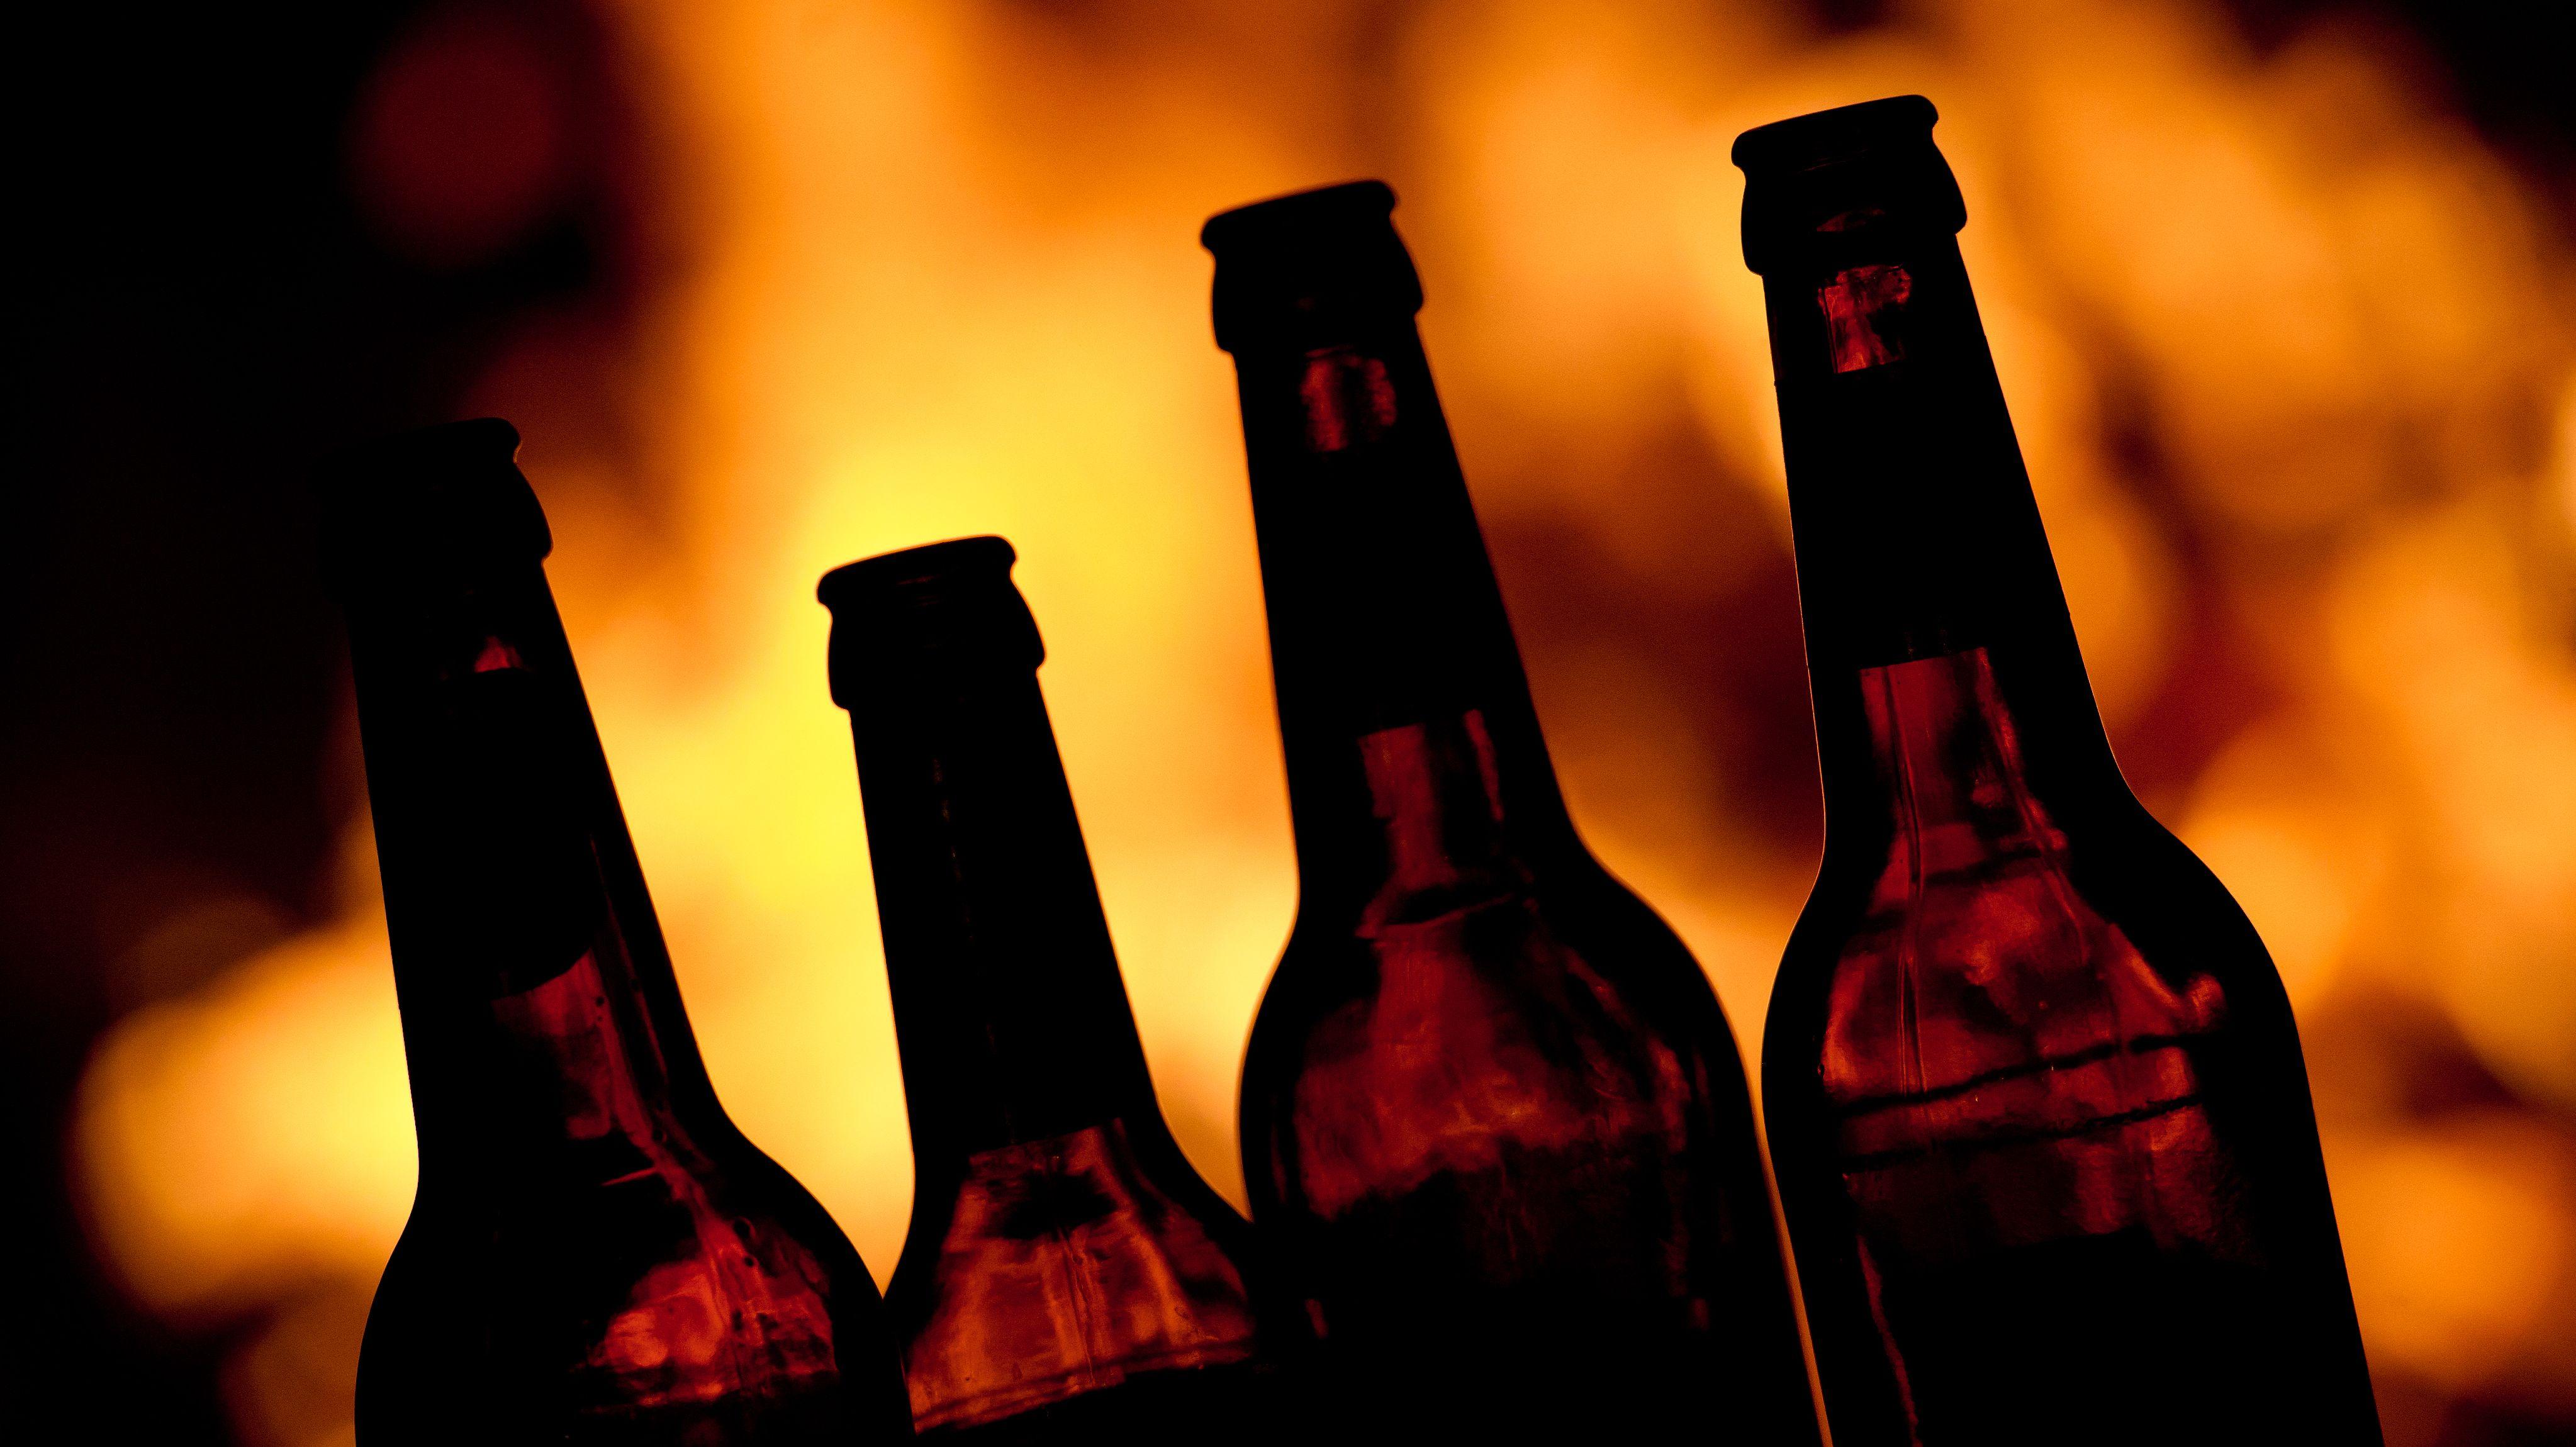 Symbolbild: leere Bierflaschen vor Feuer